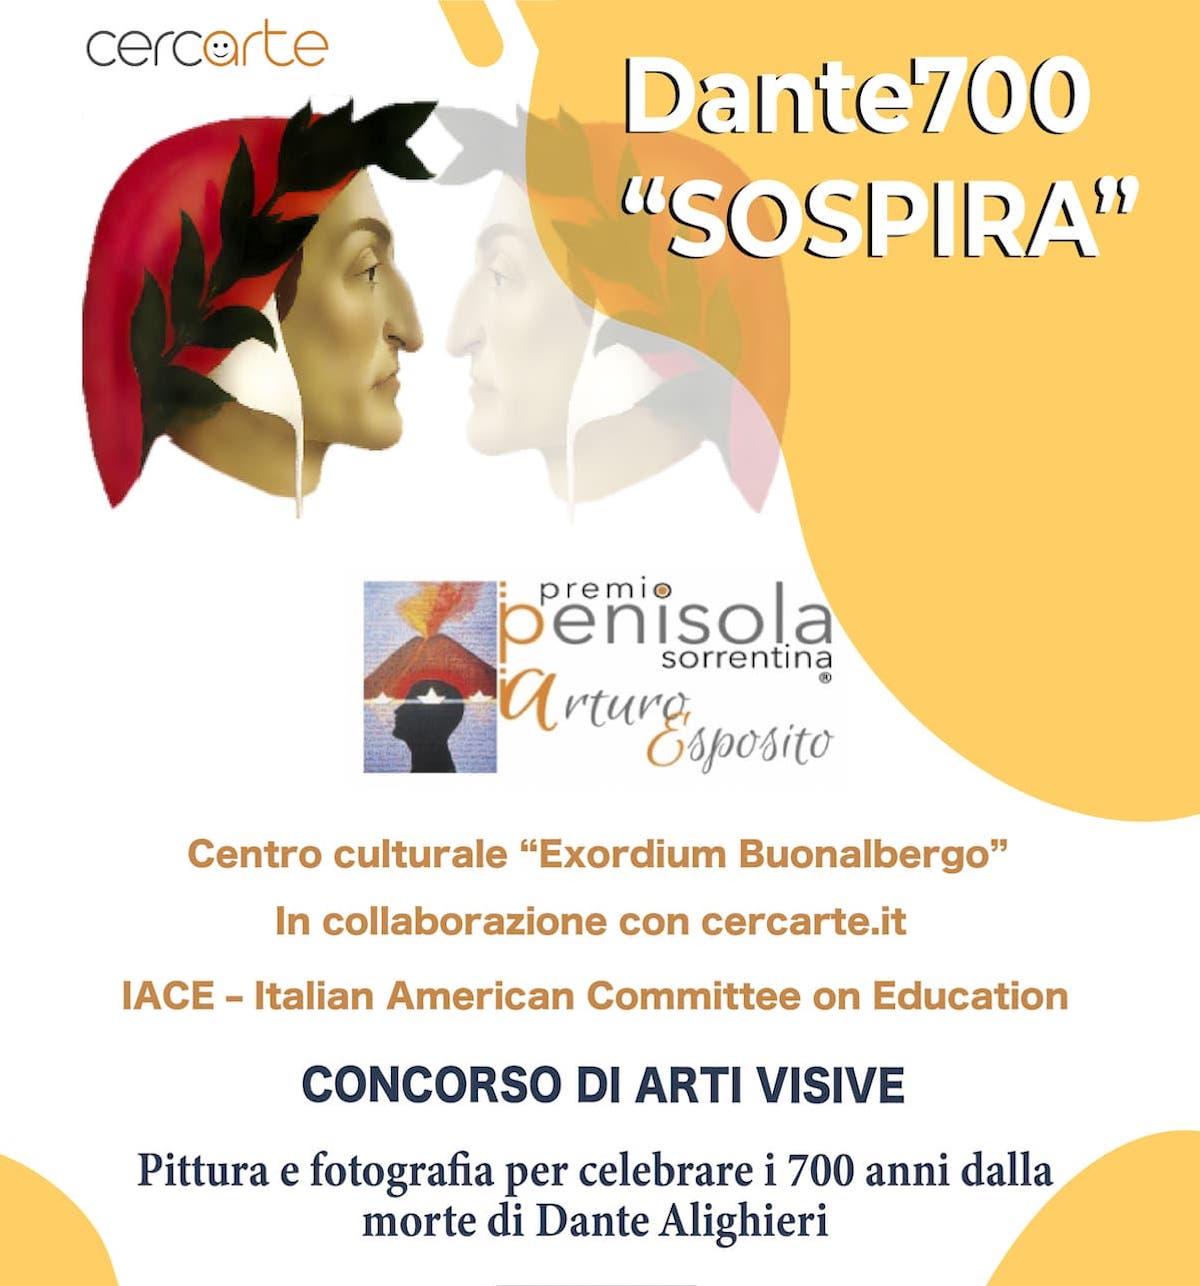 Year of Dante - Cercarte -sospira